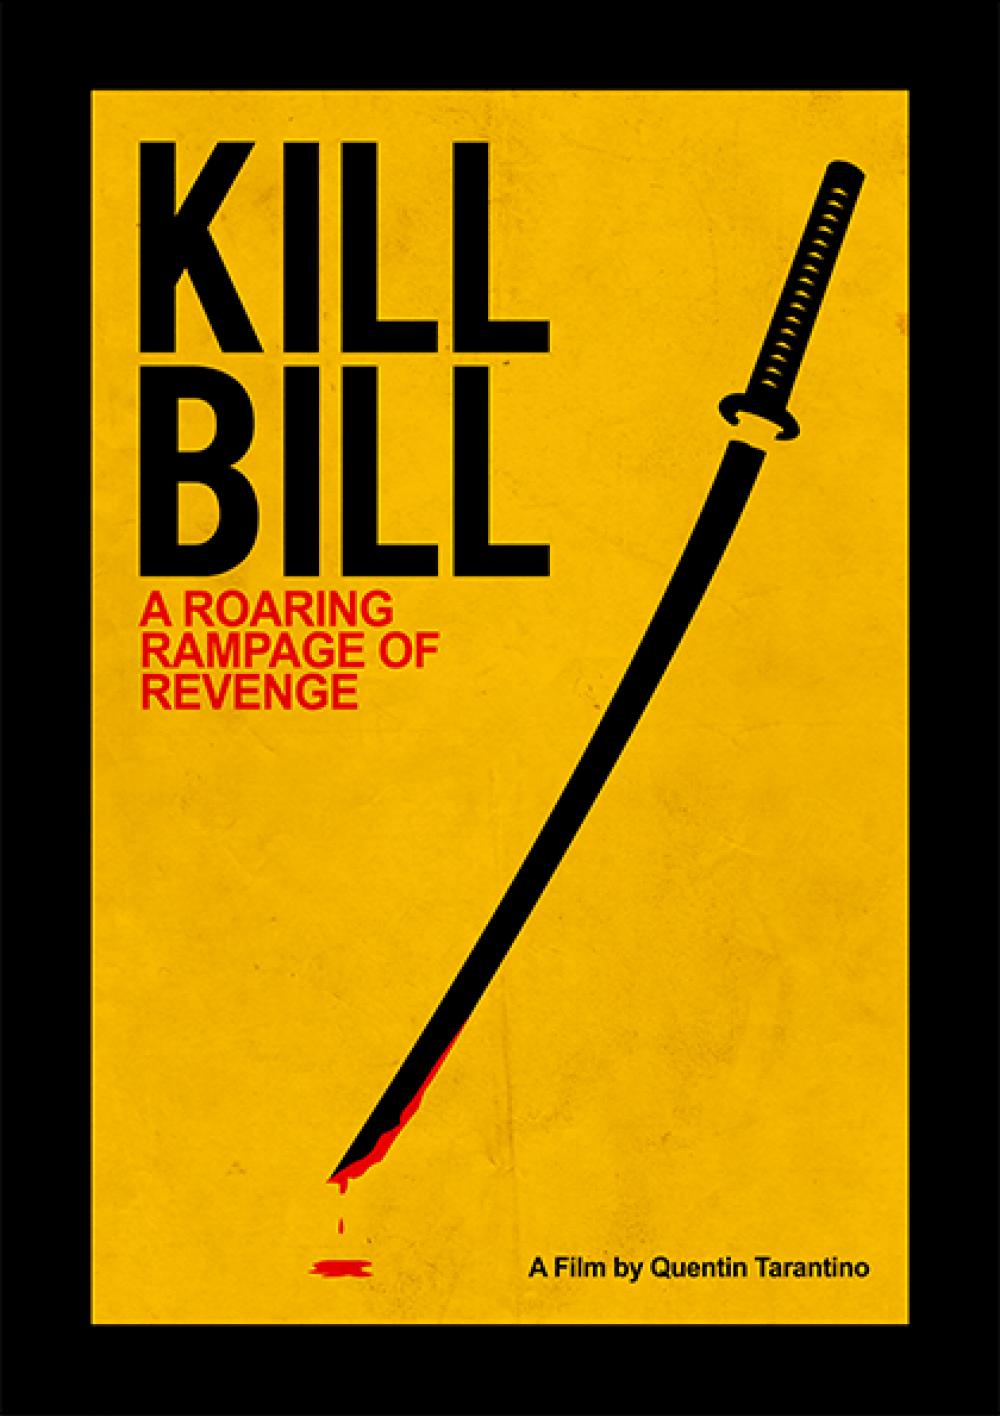 Super Kill Bill - Filmes | Posters Minimalistas | Movie posters  LP58